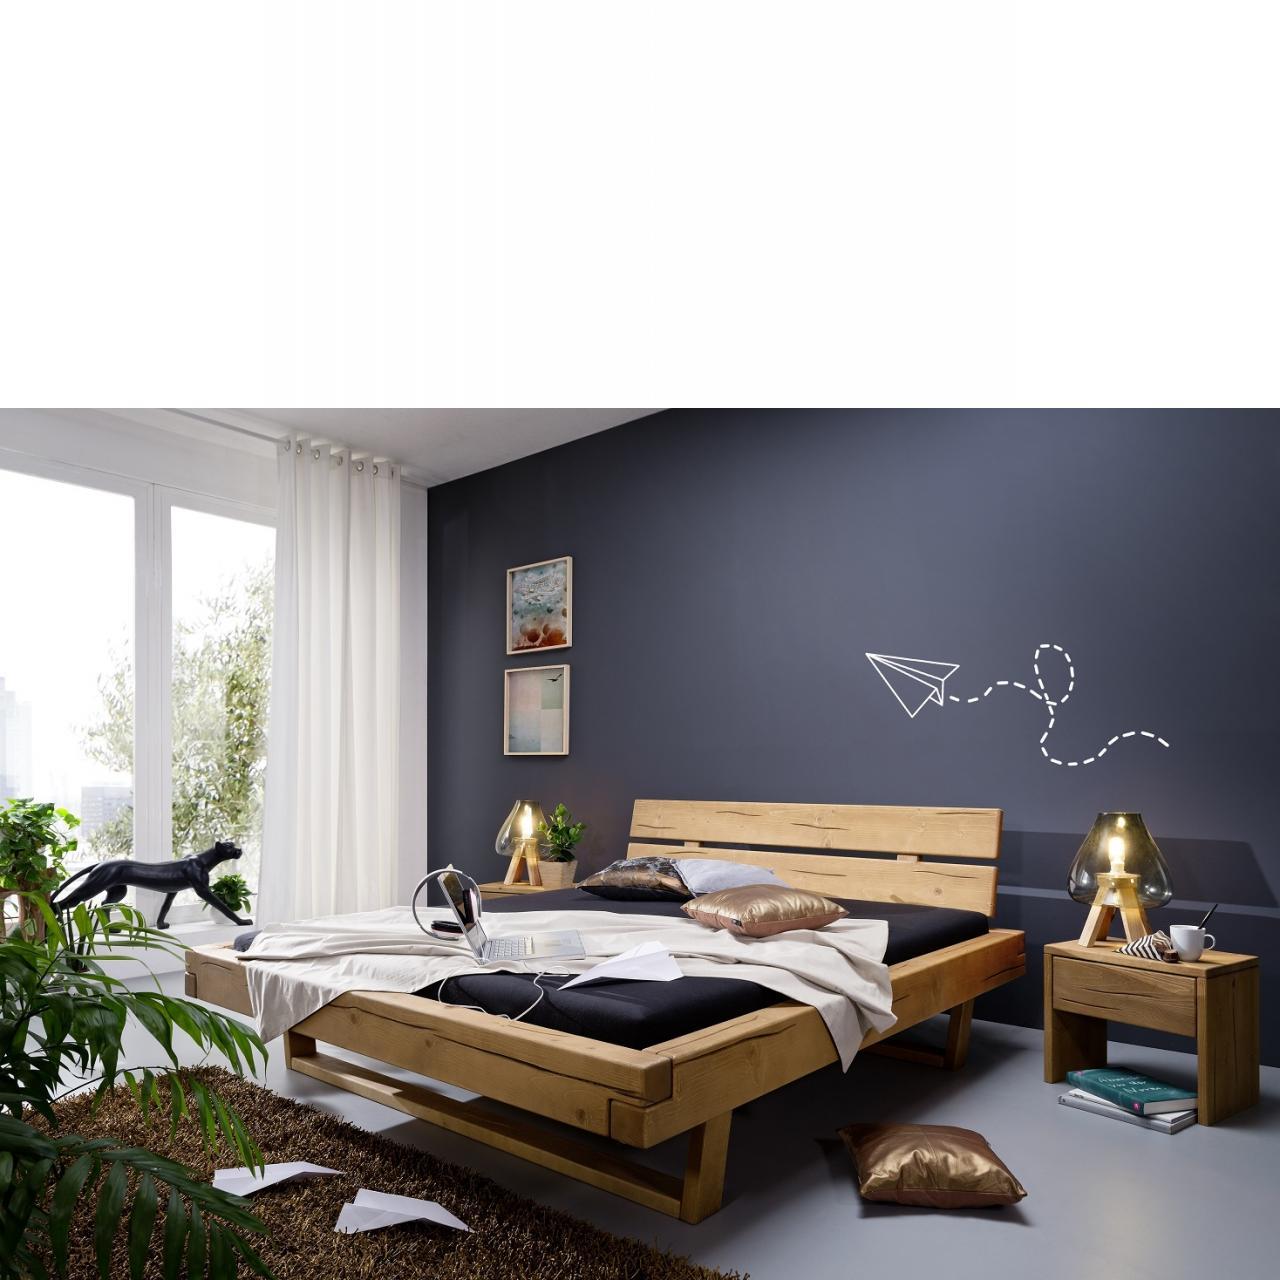 Bett BE-0280 Kiefer Massiv Honig Eiche Geölt Schlafzimmer 180x200